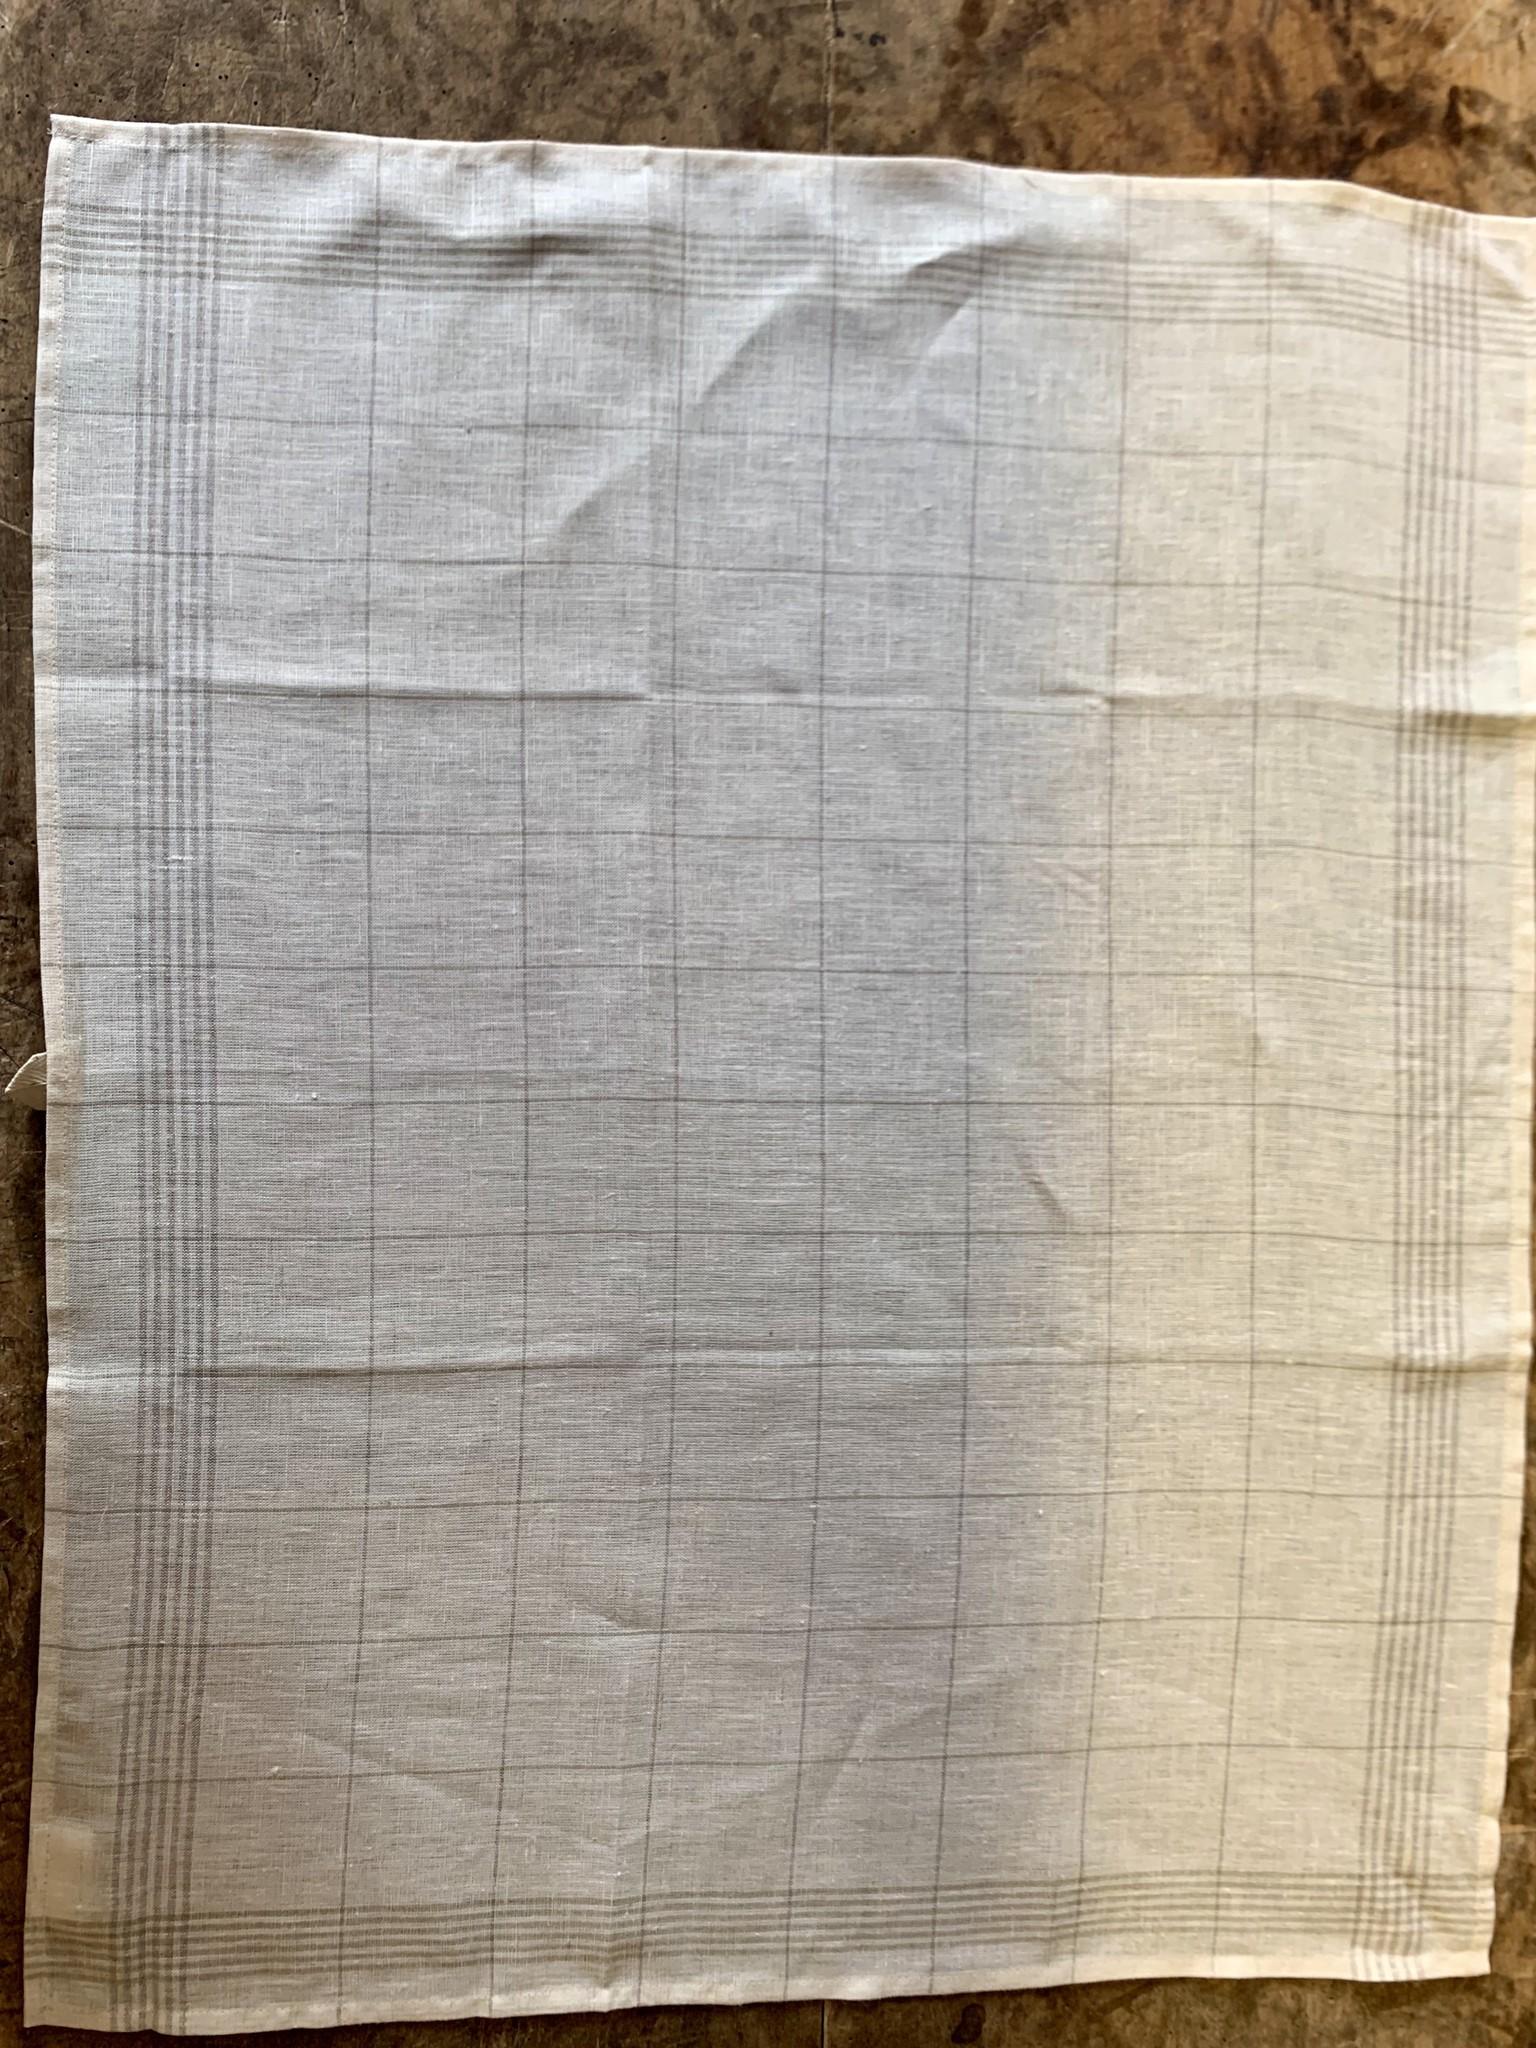 Unbleached check tea towel